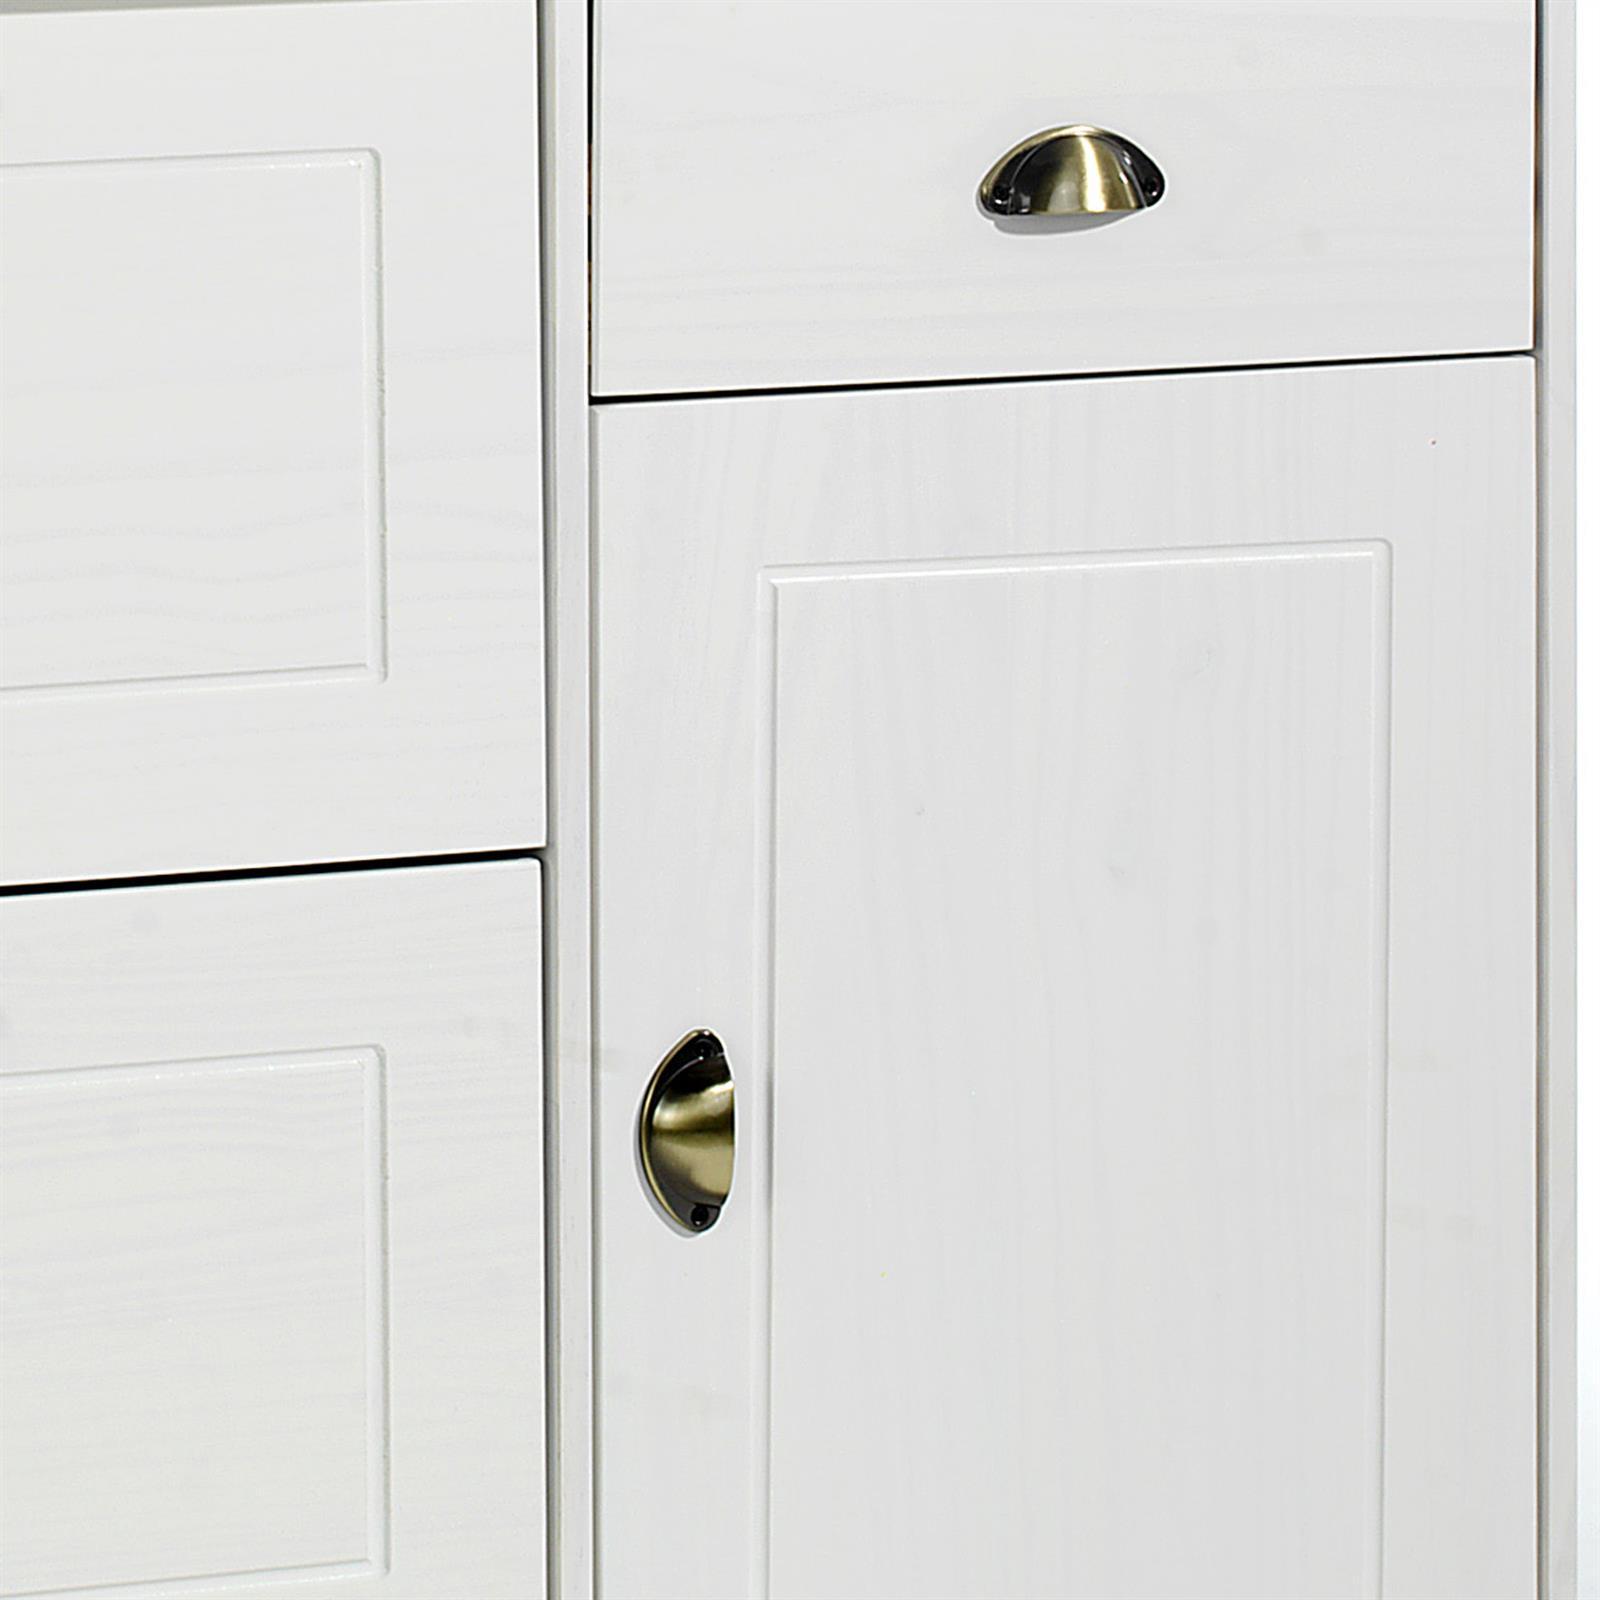 meuble chaussures en pin colmar lasur blanc mobil meubles. Black Bedroom Furniture Sets. Home Design Ideas